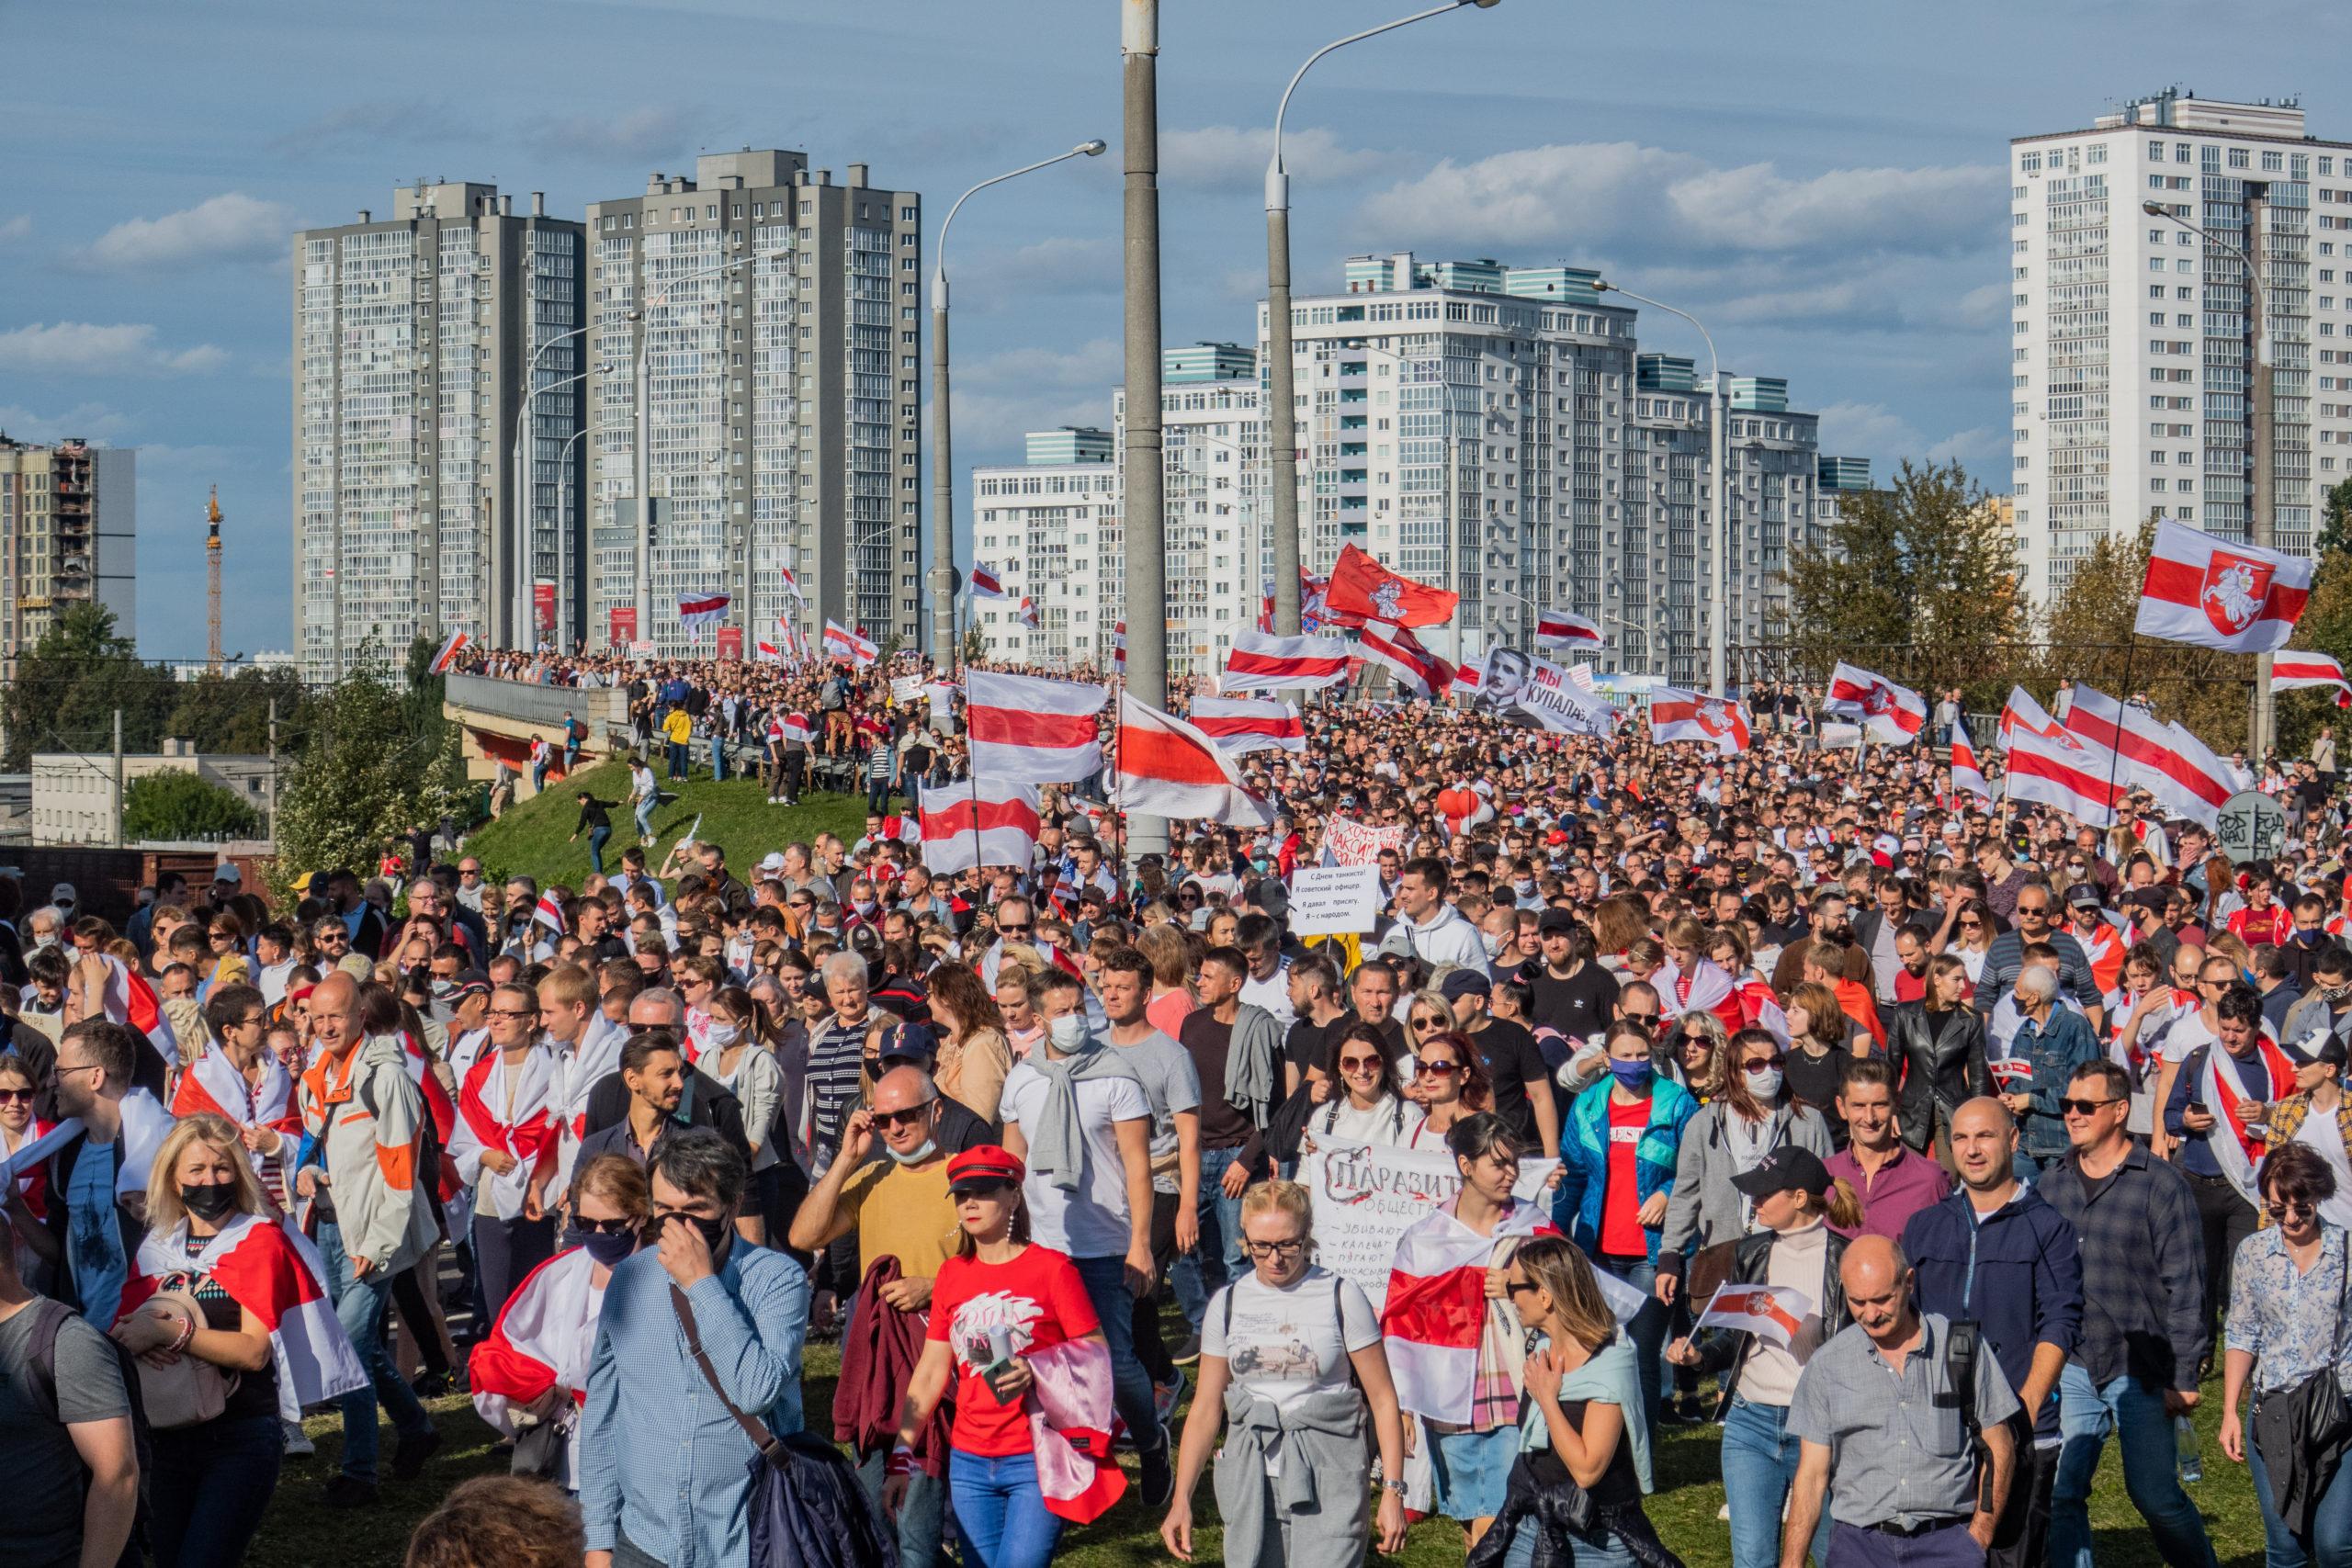 Protest rally against Lukashenko, 13 September 2020. Minsk, Belarus by Homoatroxunder CC3.0.